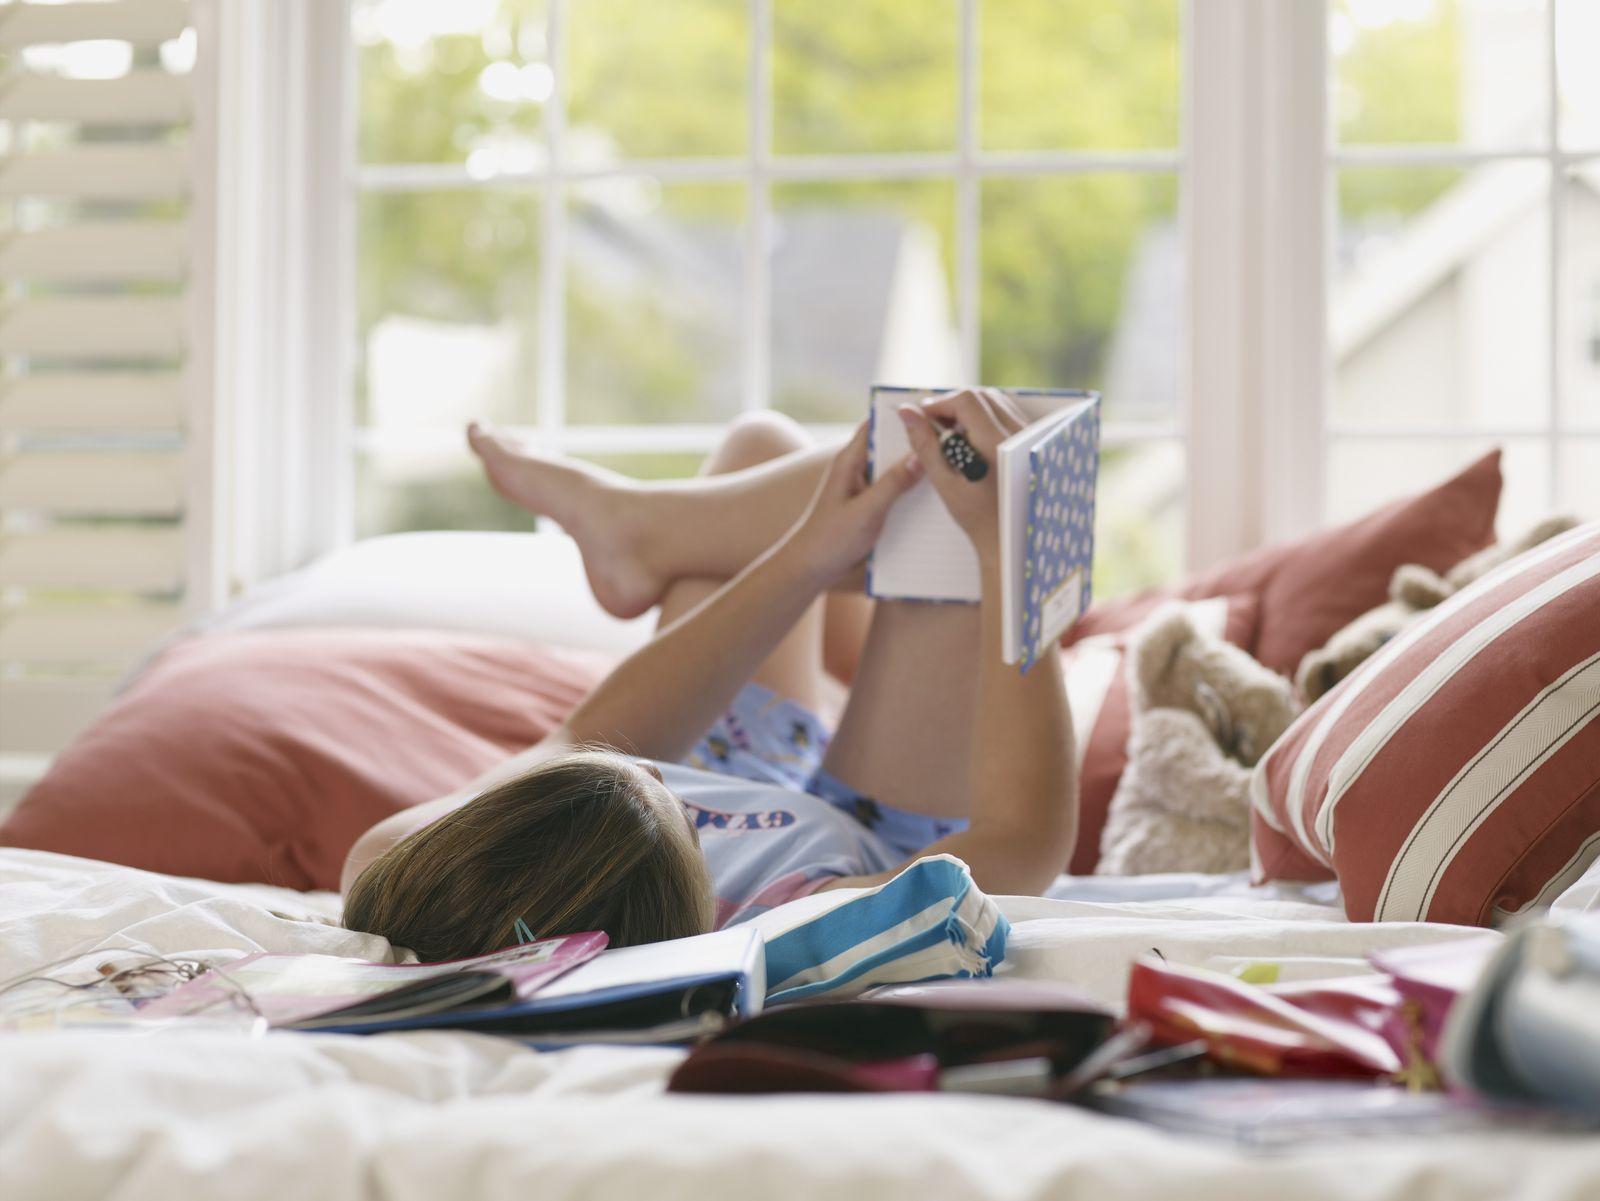 NICHT MEHR VERWENDEN! - Tagebuch schreiben/ Teenager